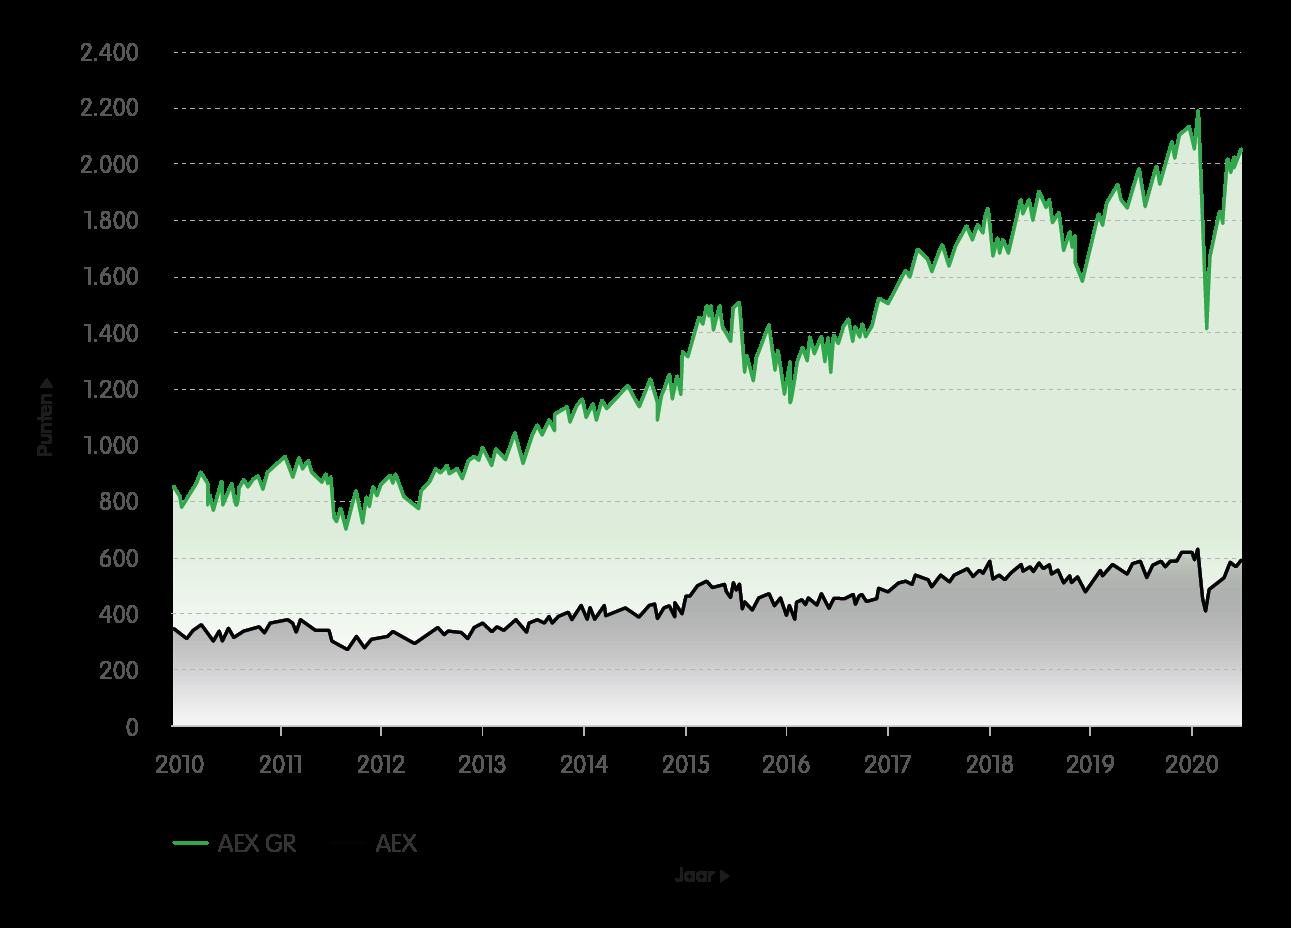 Puntenontwikkeling AEX vs. AEX GR (2010 – 2020)<br>